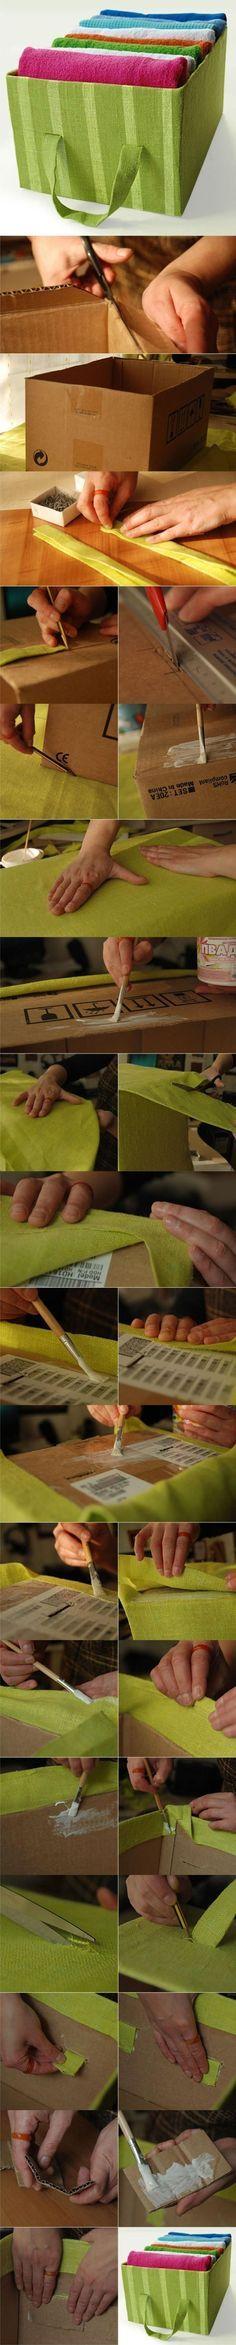 Bella caja util hecha de caja de zapatos forrada en tela. Usada para almacenar toallas